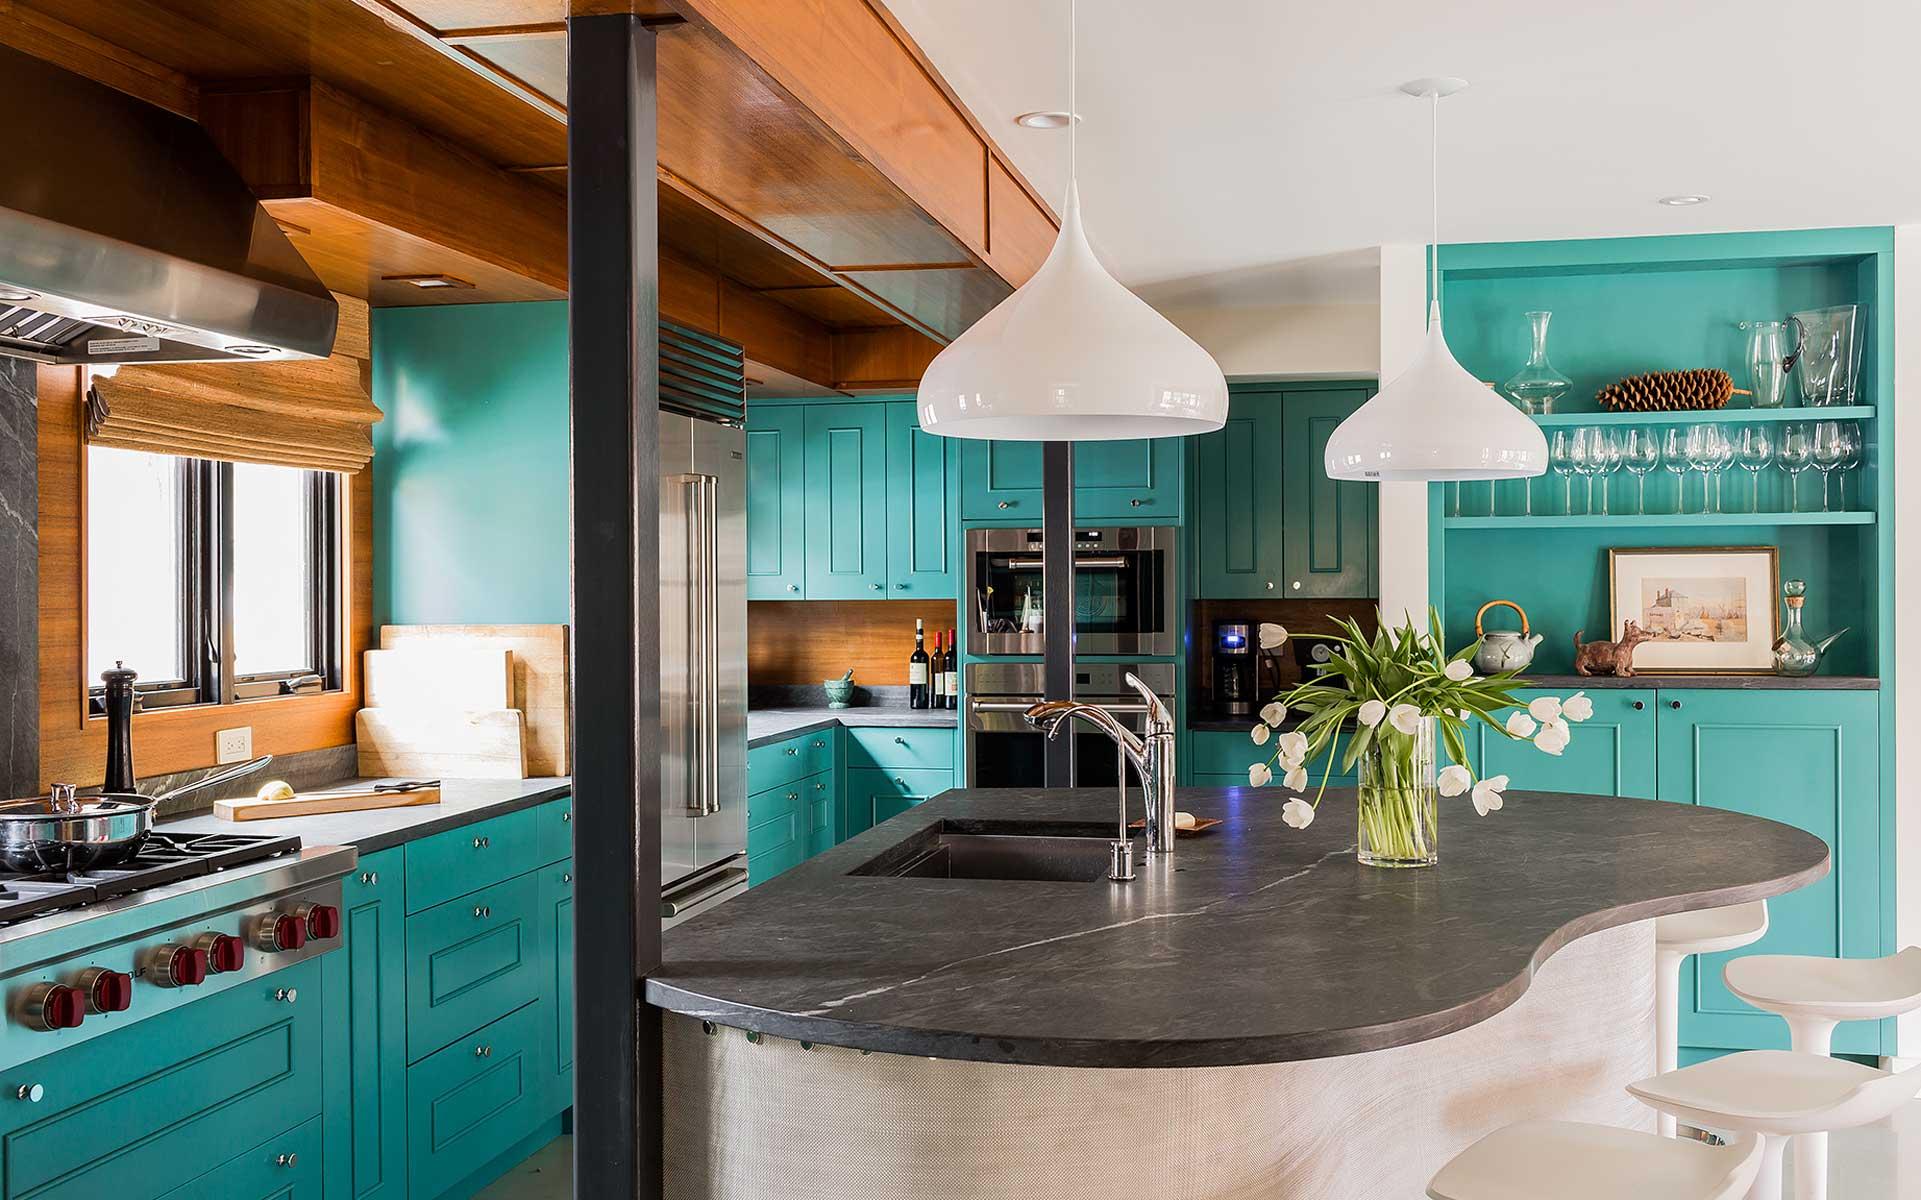 Бирюзовая кухня: 80 красивых идей дизайна (фото)